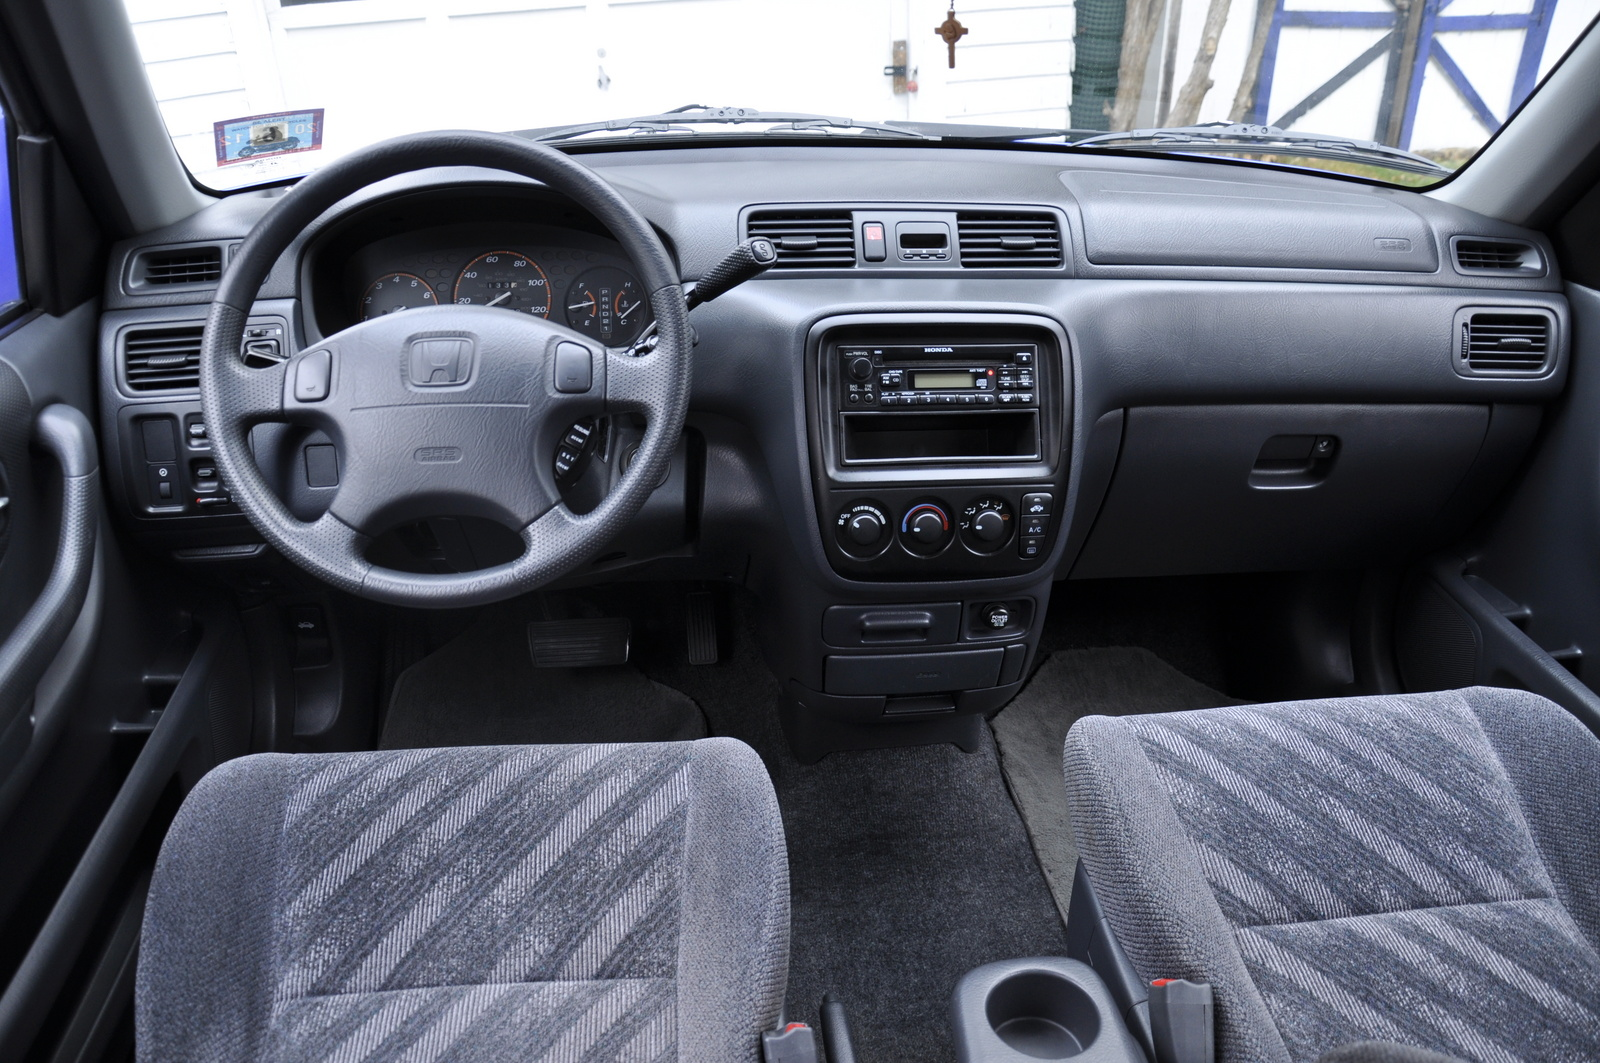 Honda CR-V (RD) 2.0 16V (RD1) (128 Hp)